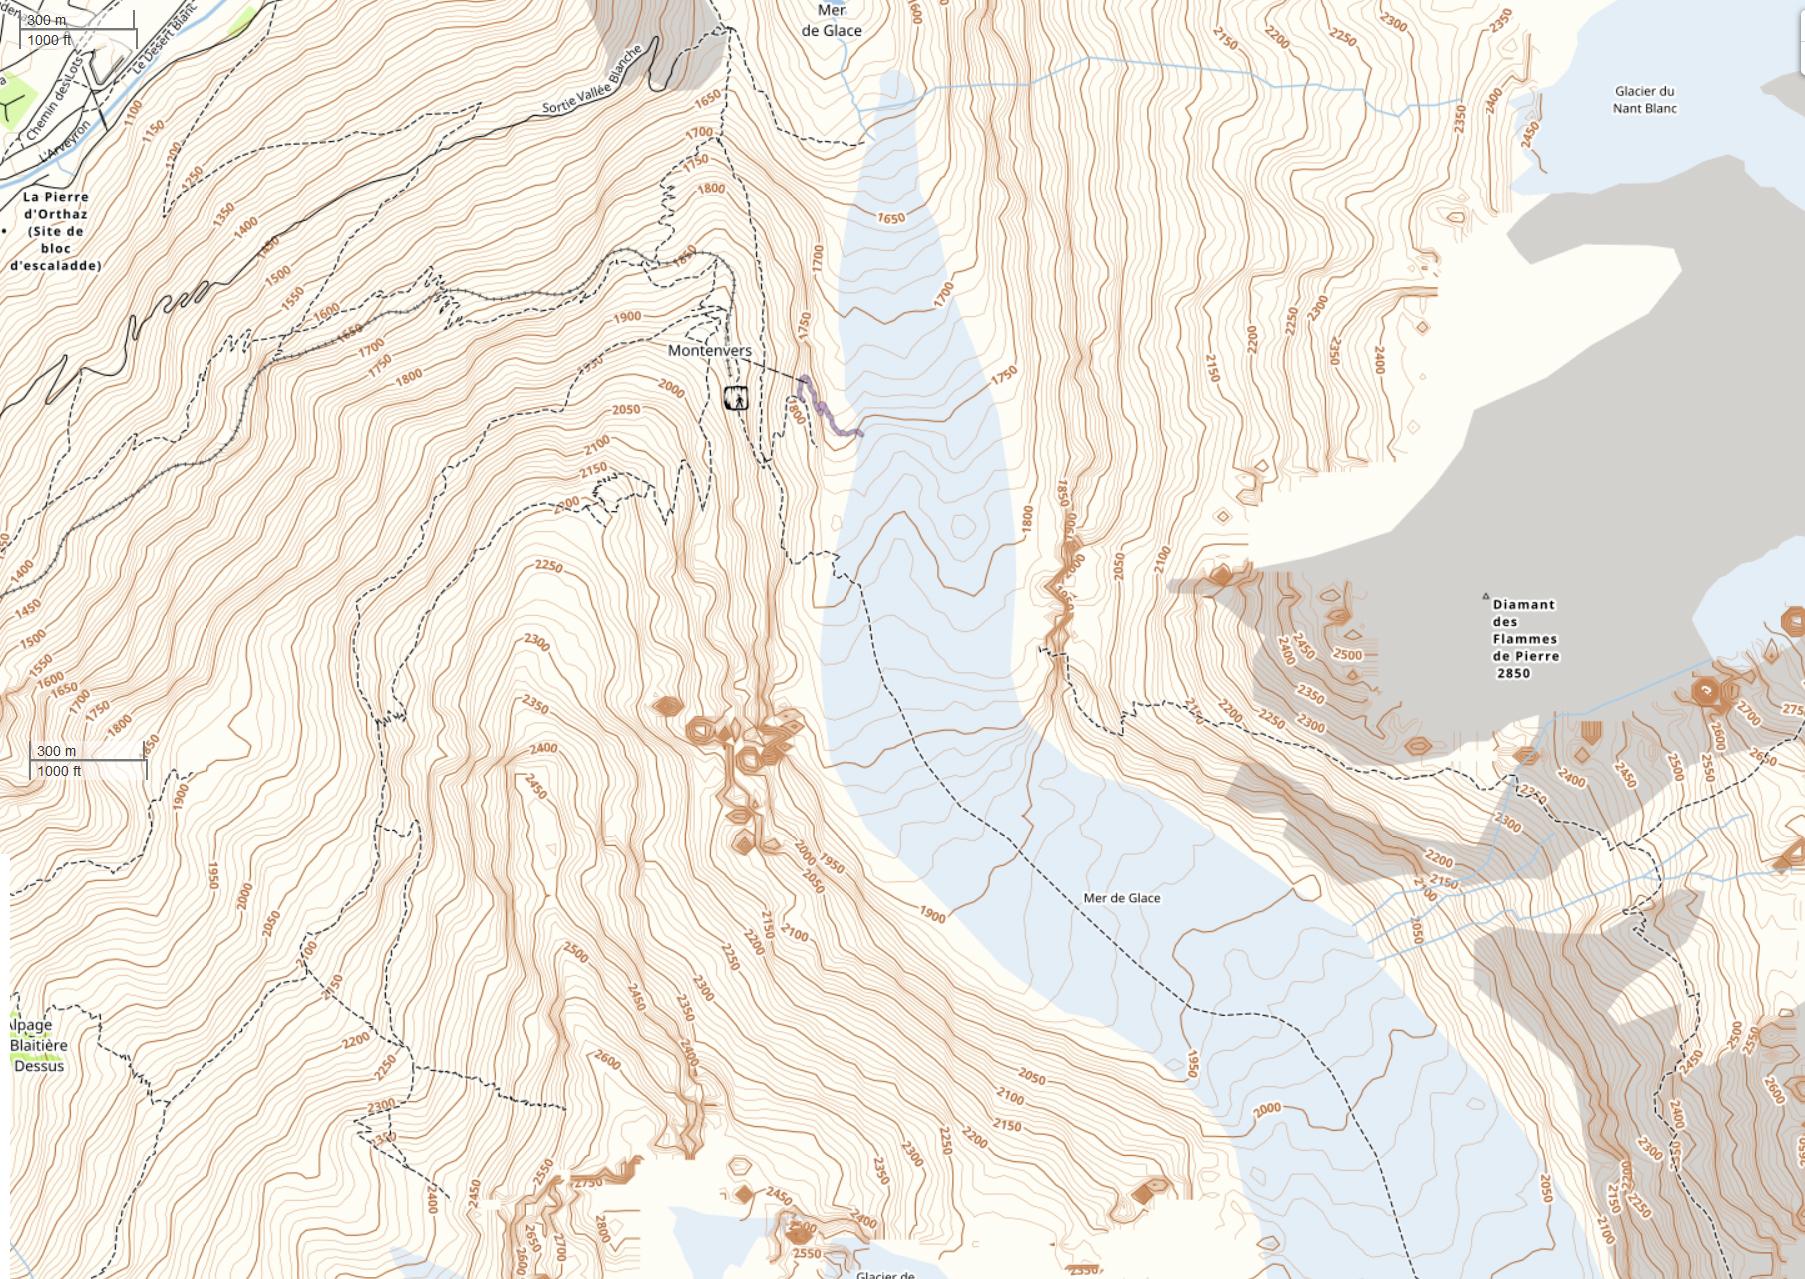 карта долины Mer de glace, скачать